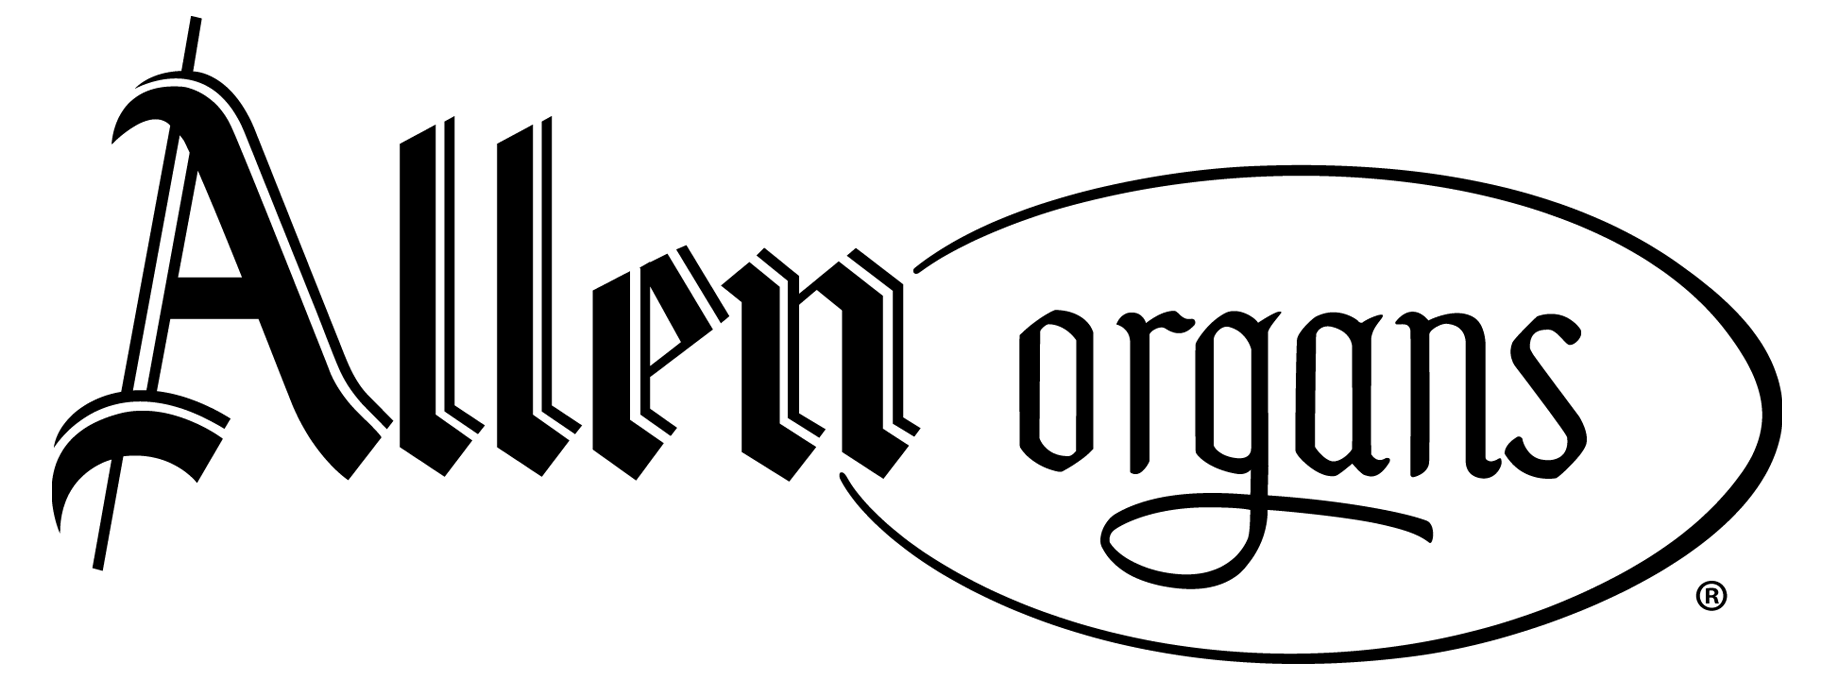 ALLEN ORGANS LOGO BLACK png